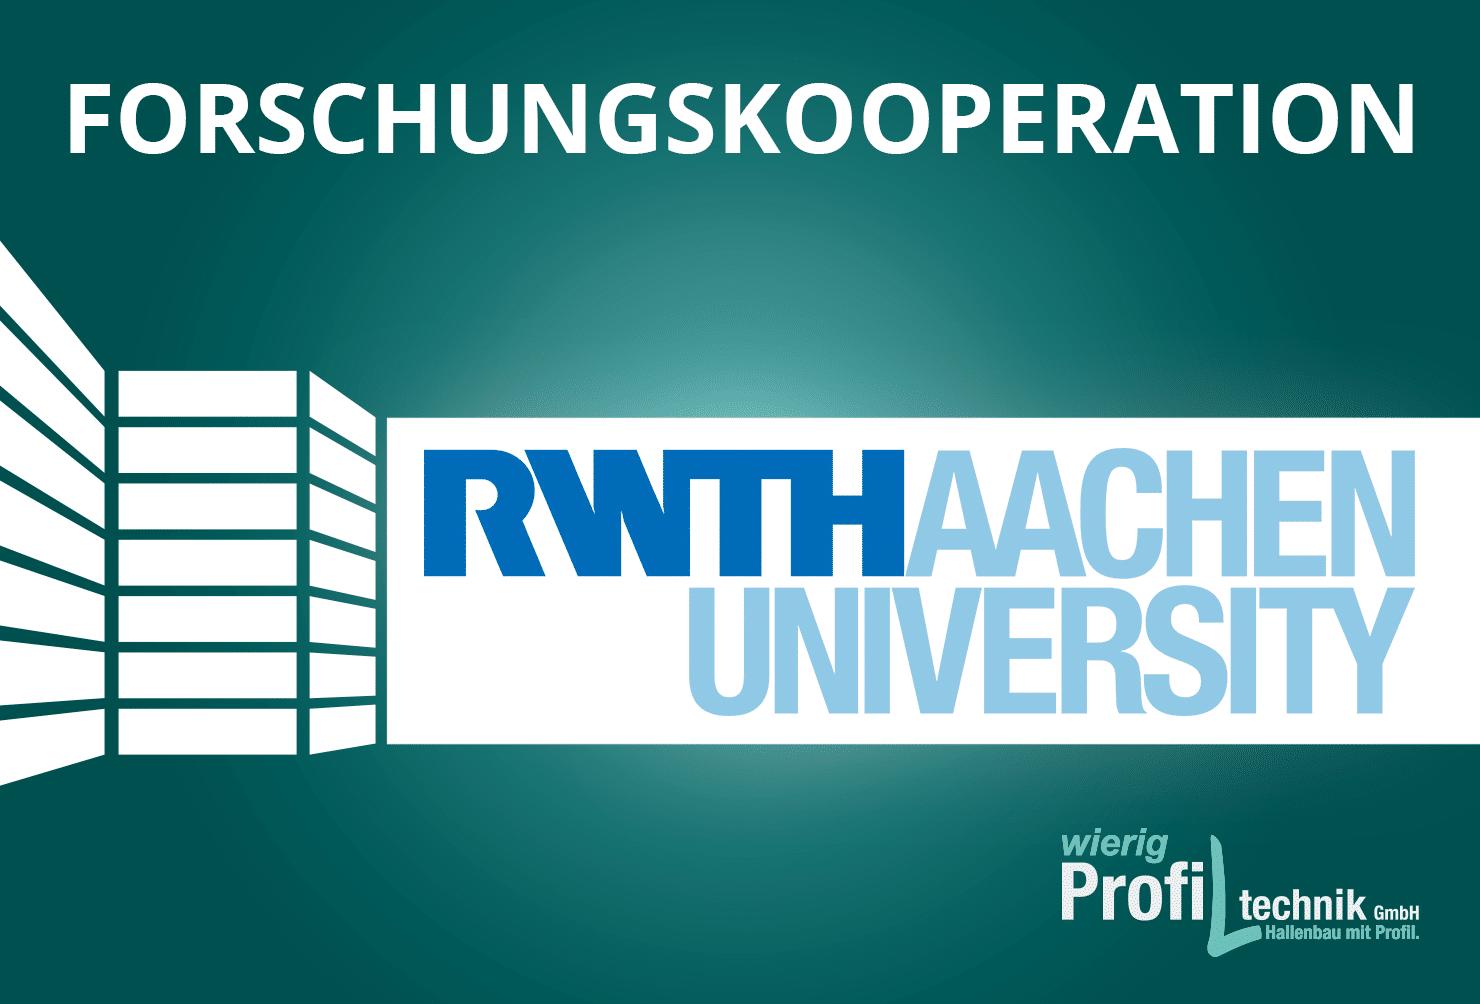 Wierig kooperiert mit der RWTH Aachen